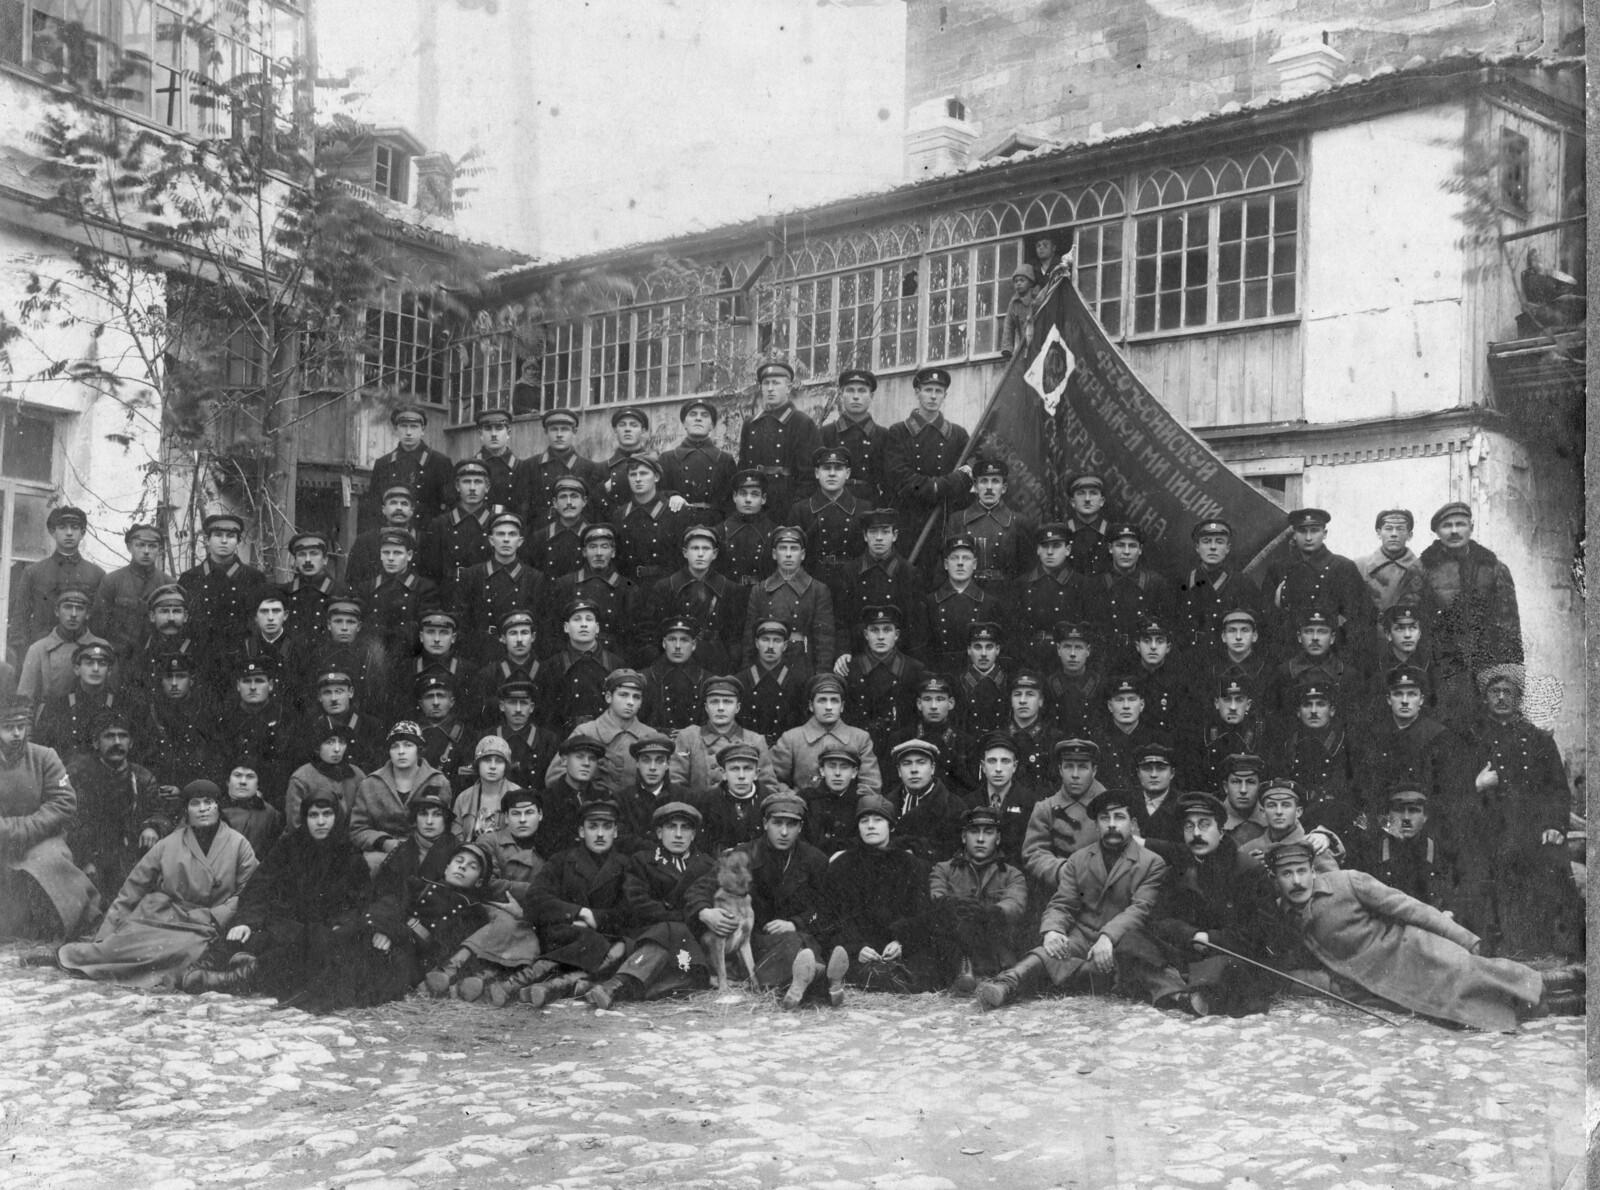 1925. Личный состав Феодосийской окружной милиции